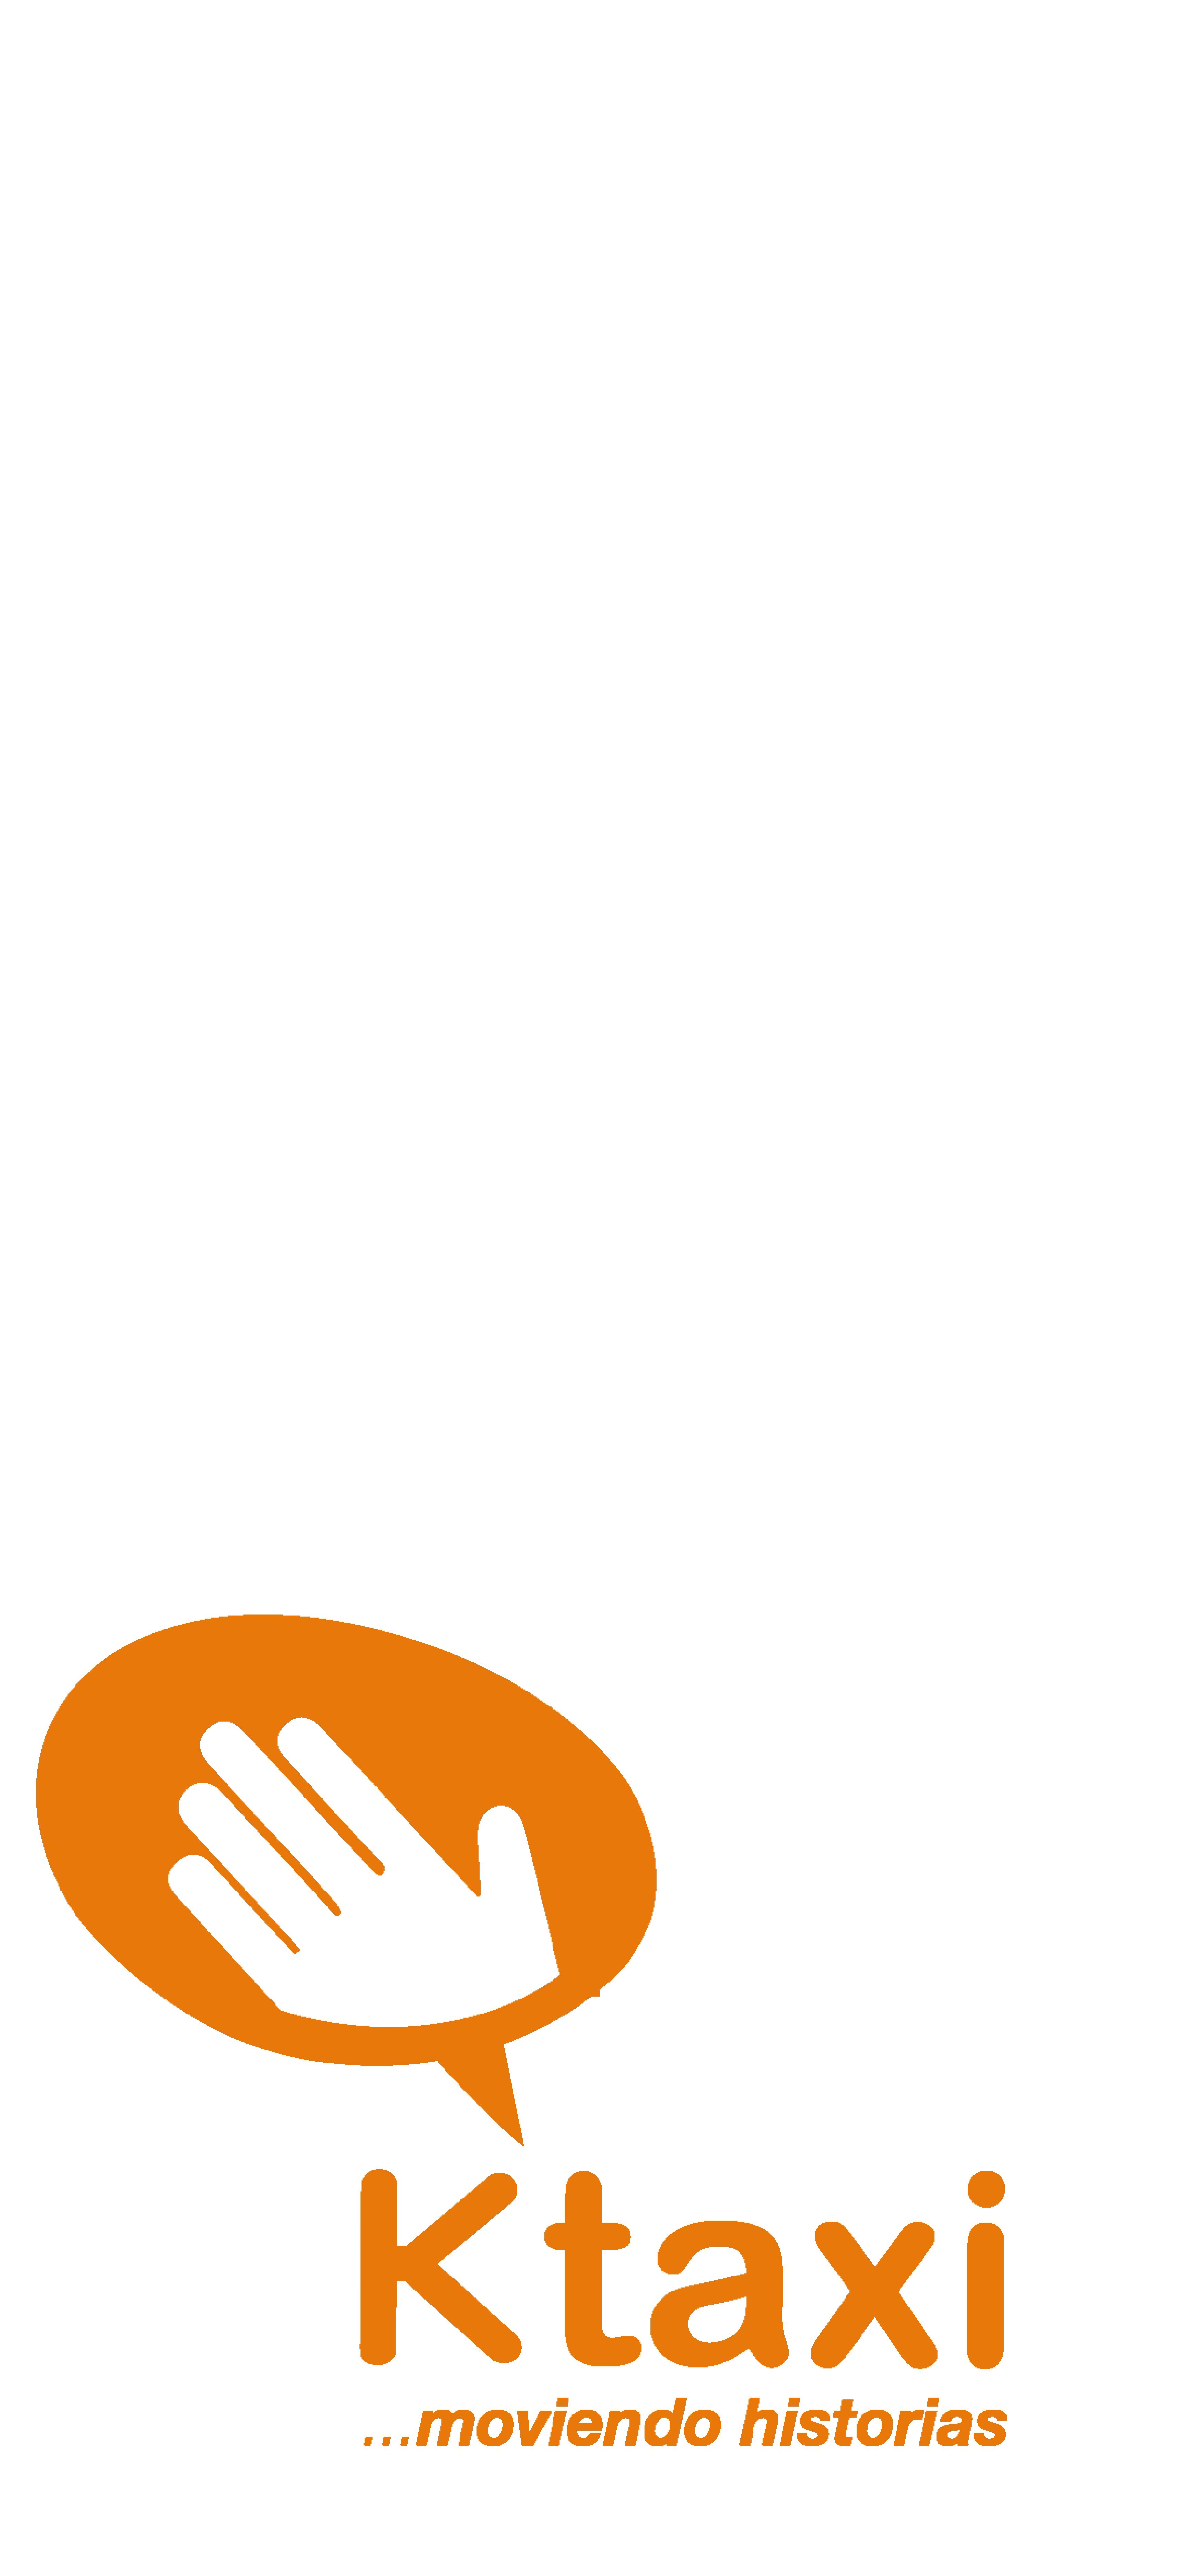 KTaxi